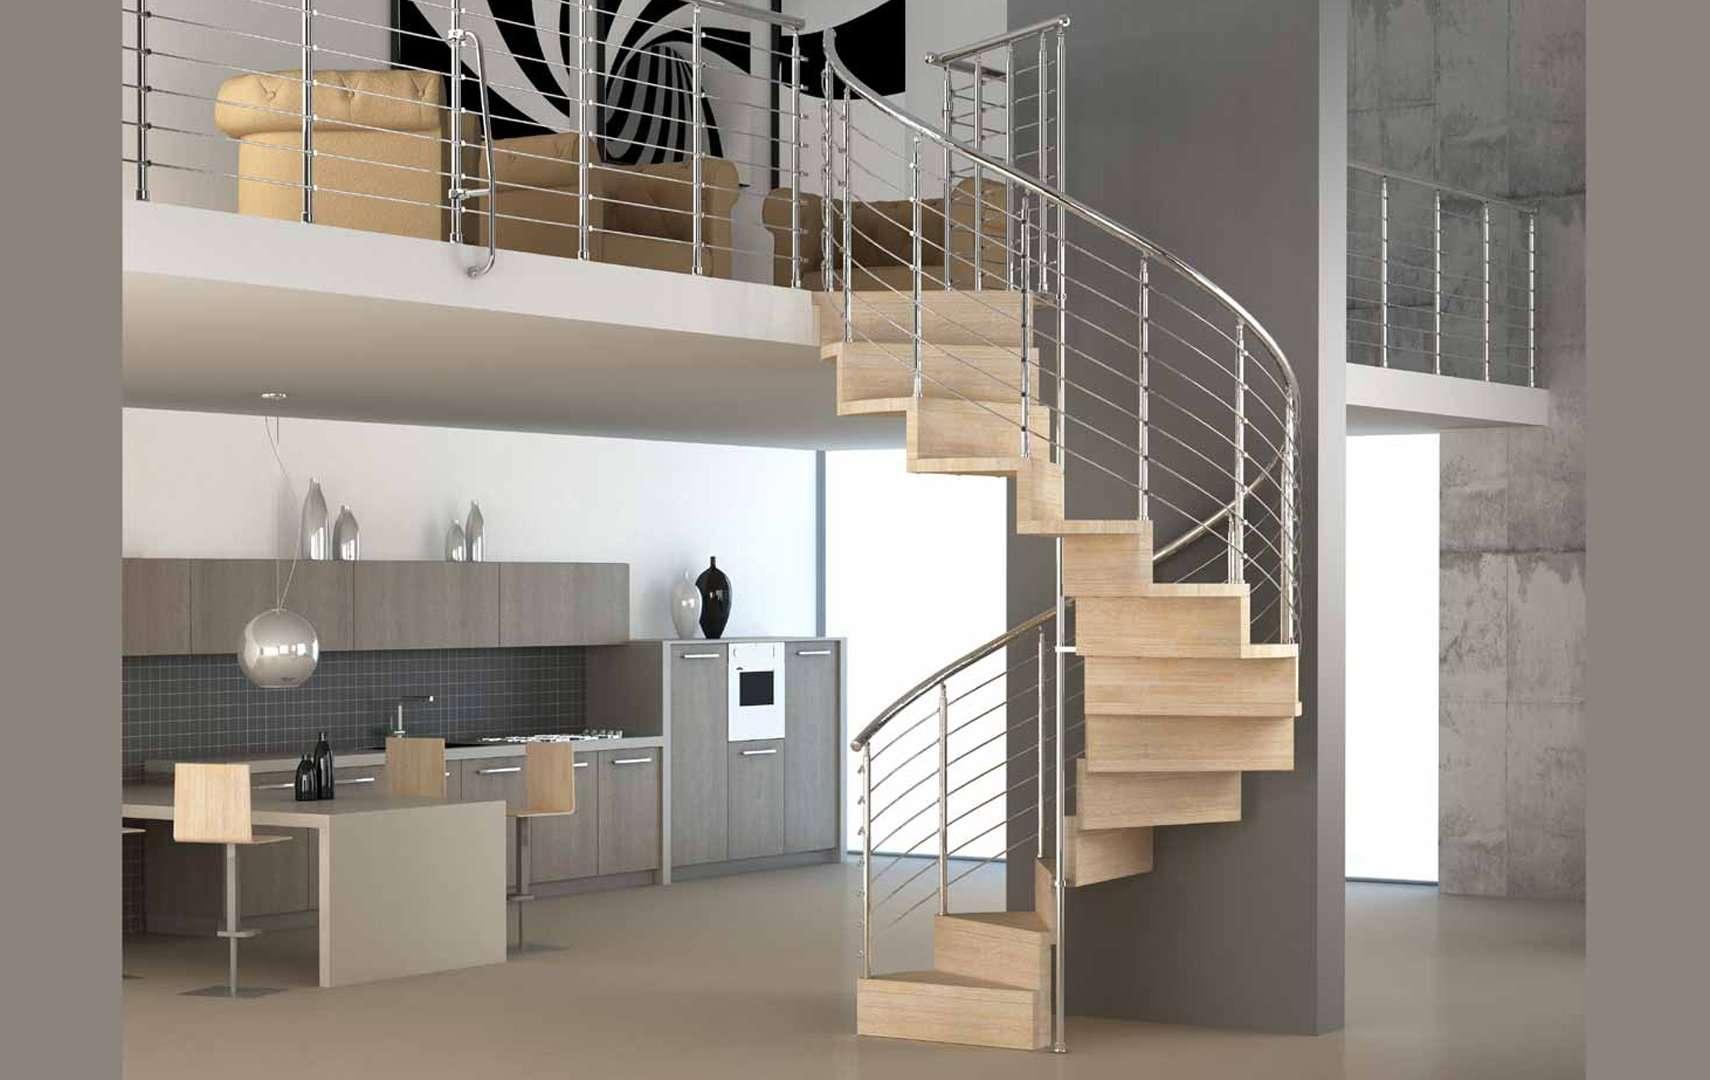 Pura ampia scelta di scale a chiocciola e scale elicoidali in legno per interni con - Scale a chiocciola interne ...